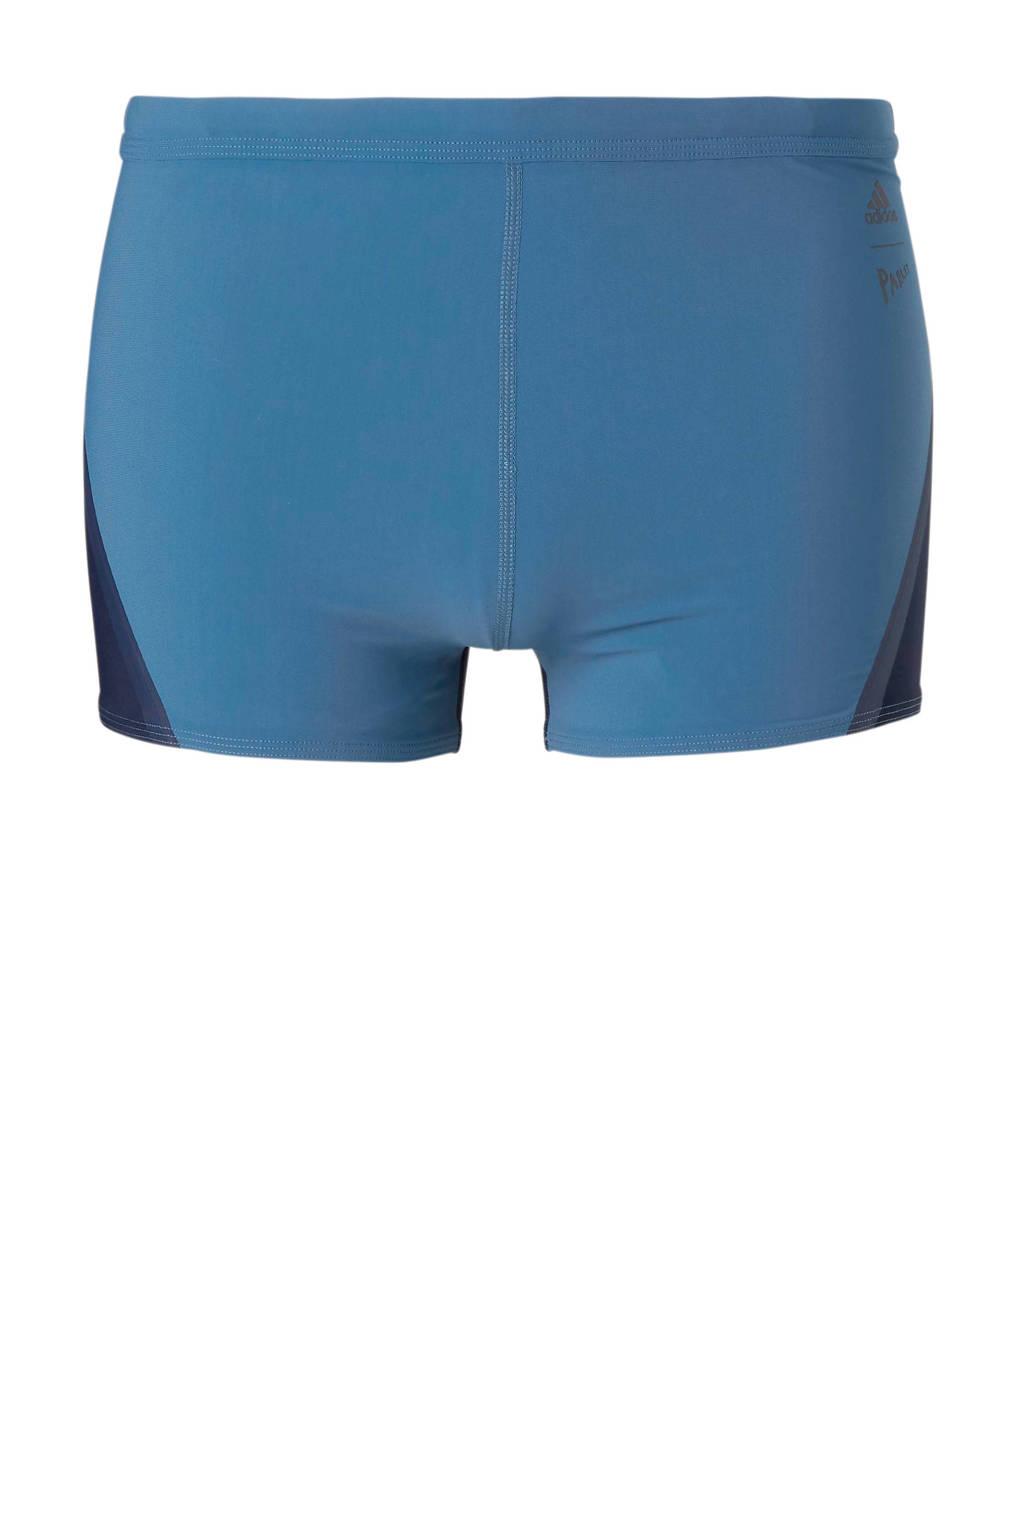 adidas zwemboxer blauw, Blauw/marine